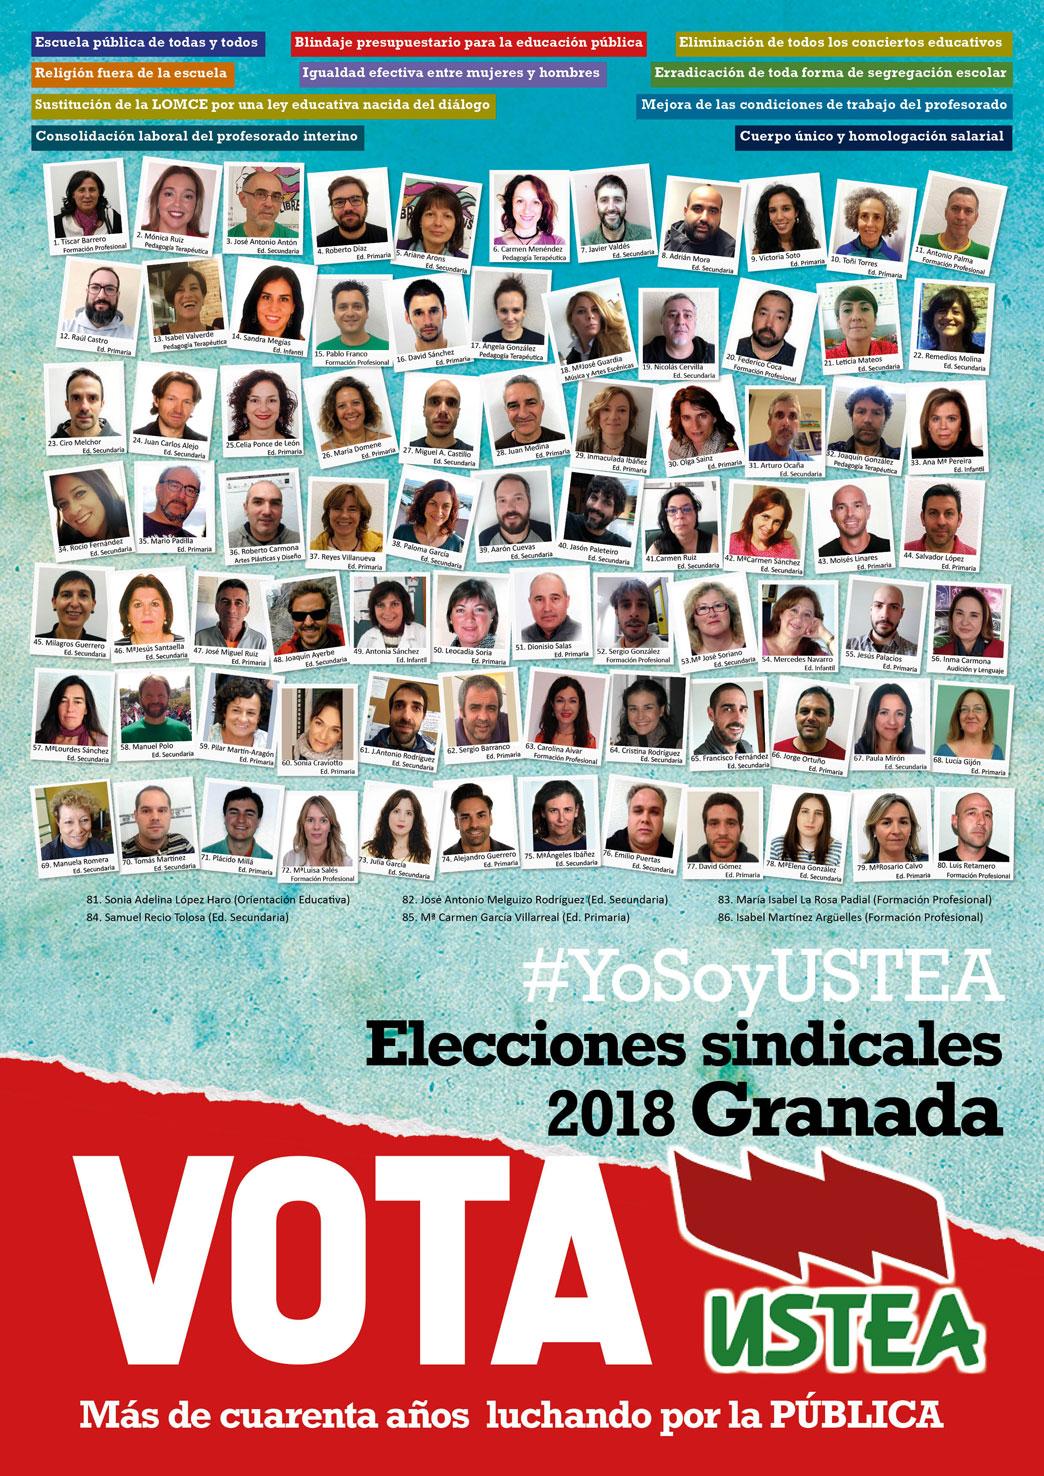 Elecciones sindicales 2018 a quién votar Granada